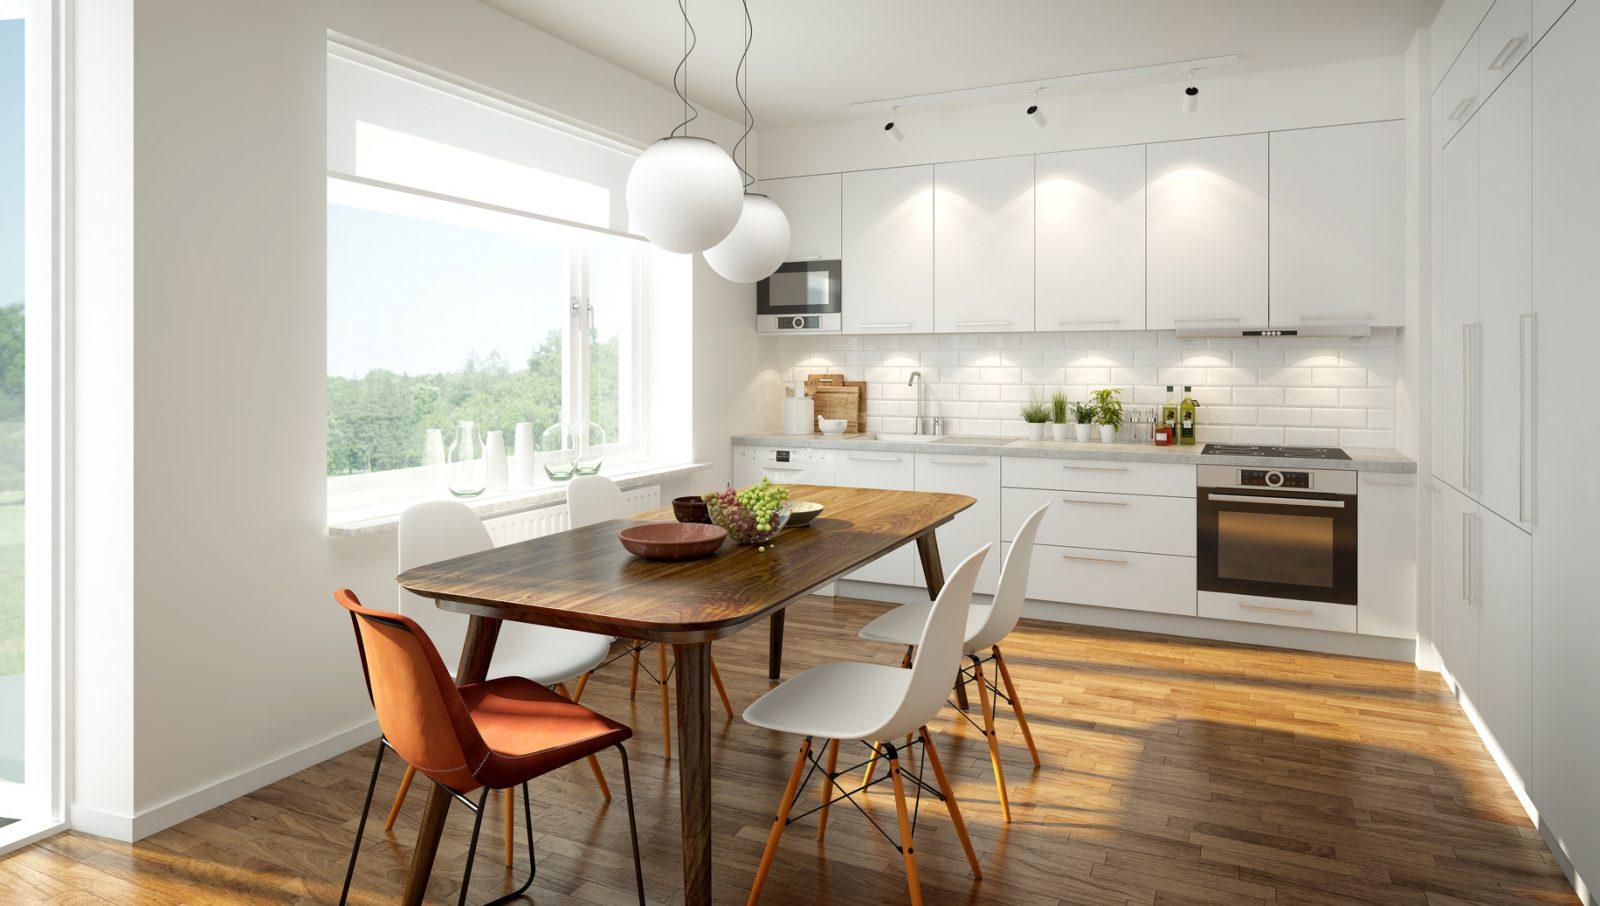 Centrum domu – jaki stół wybrać?